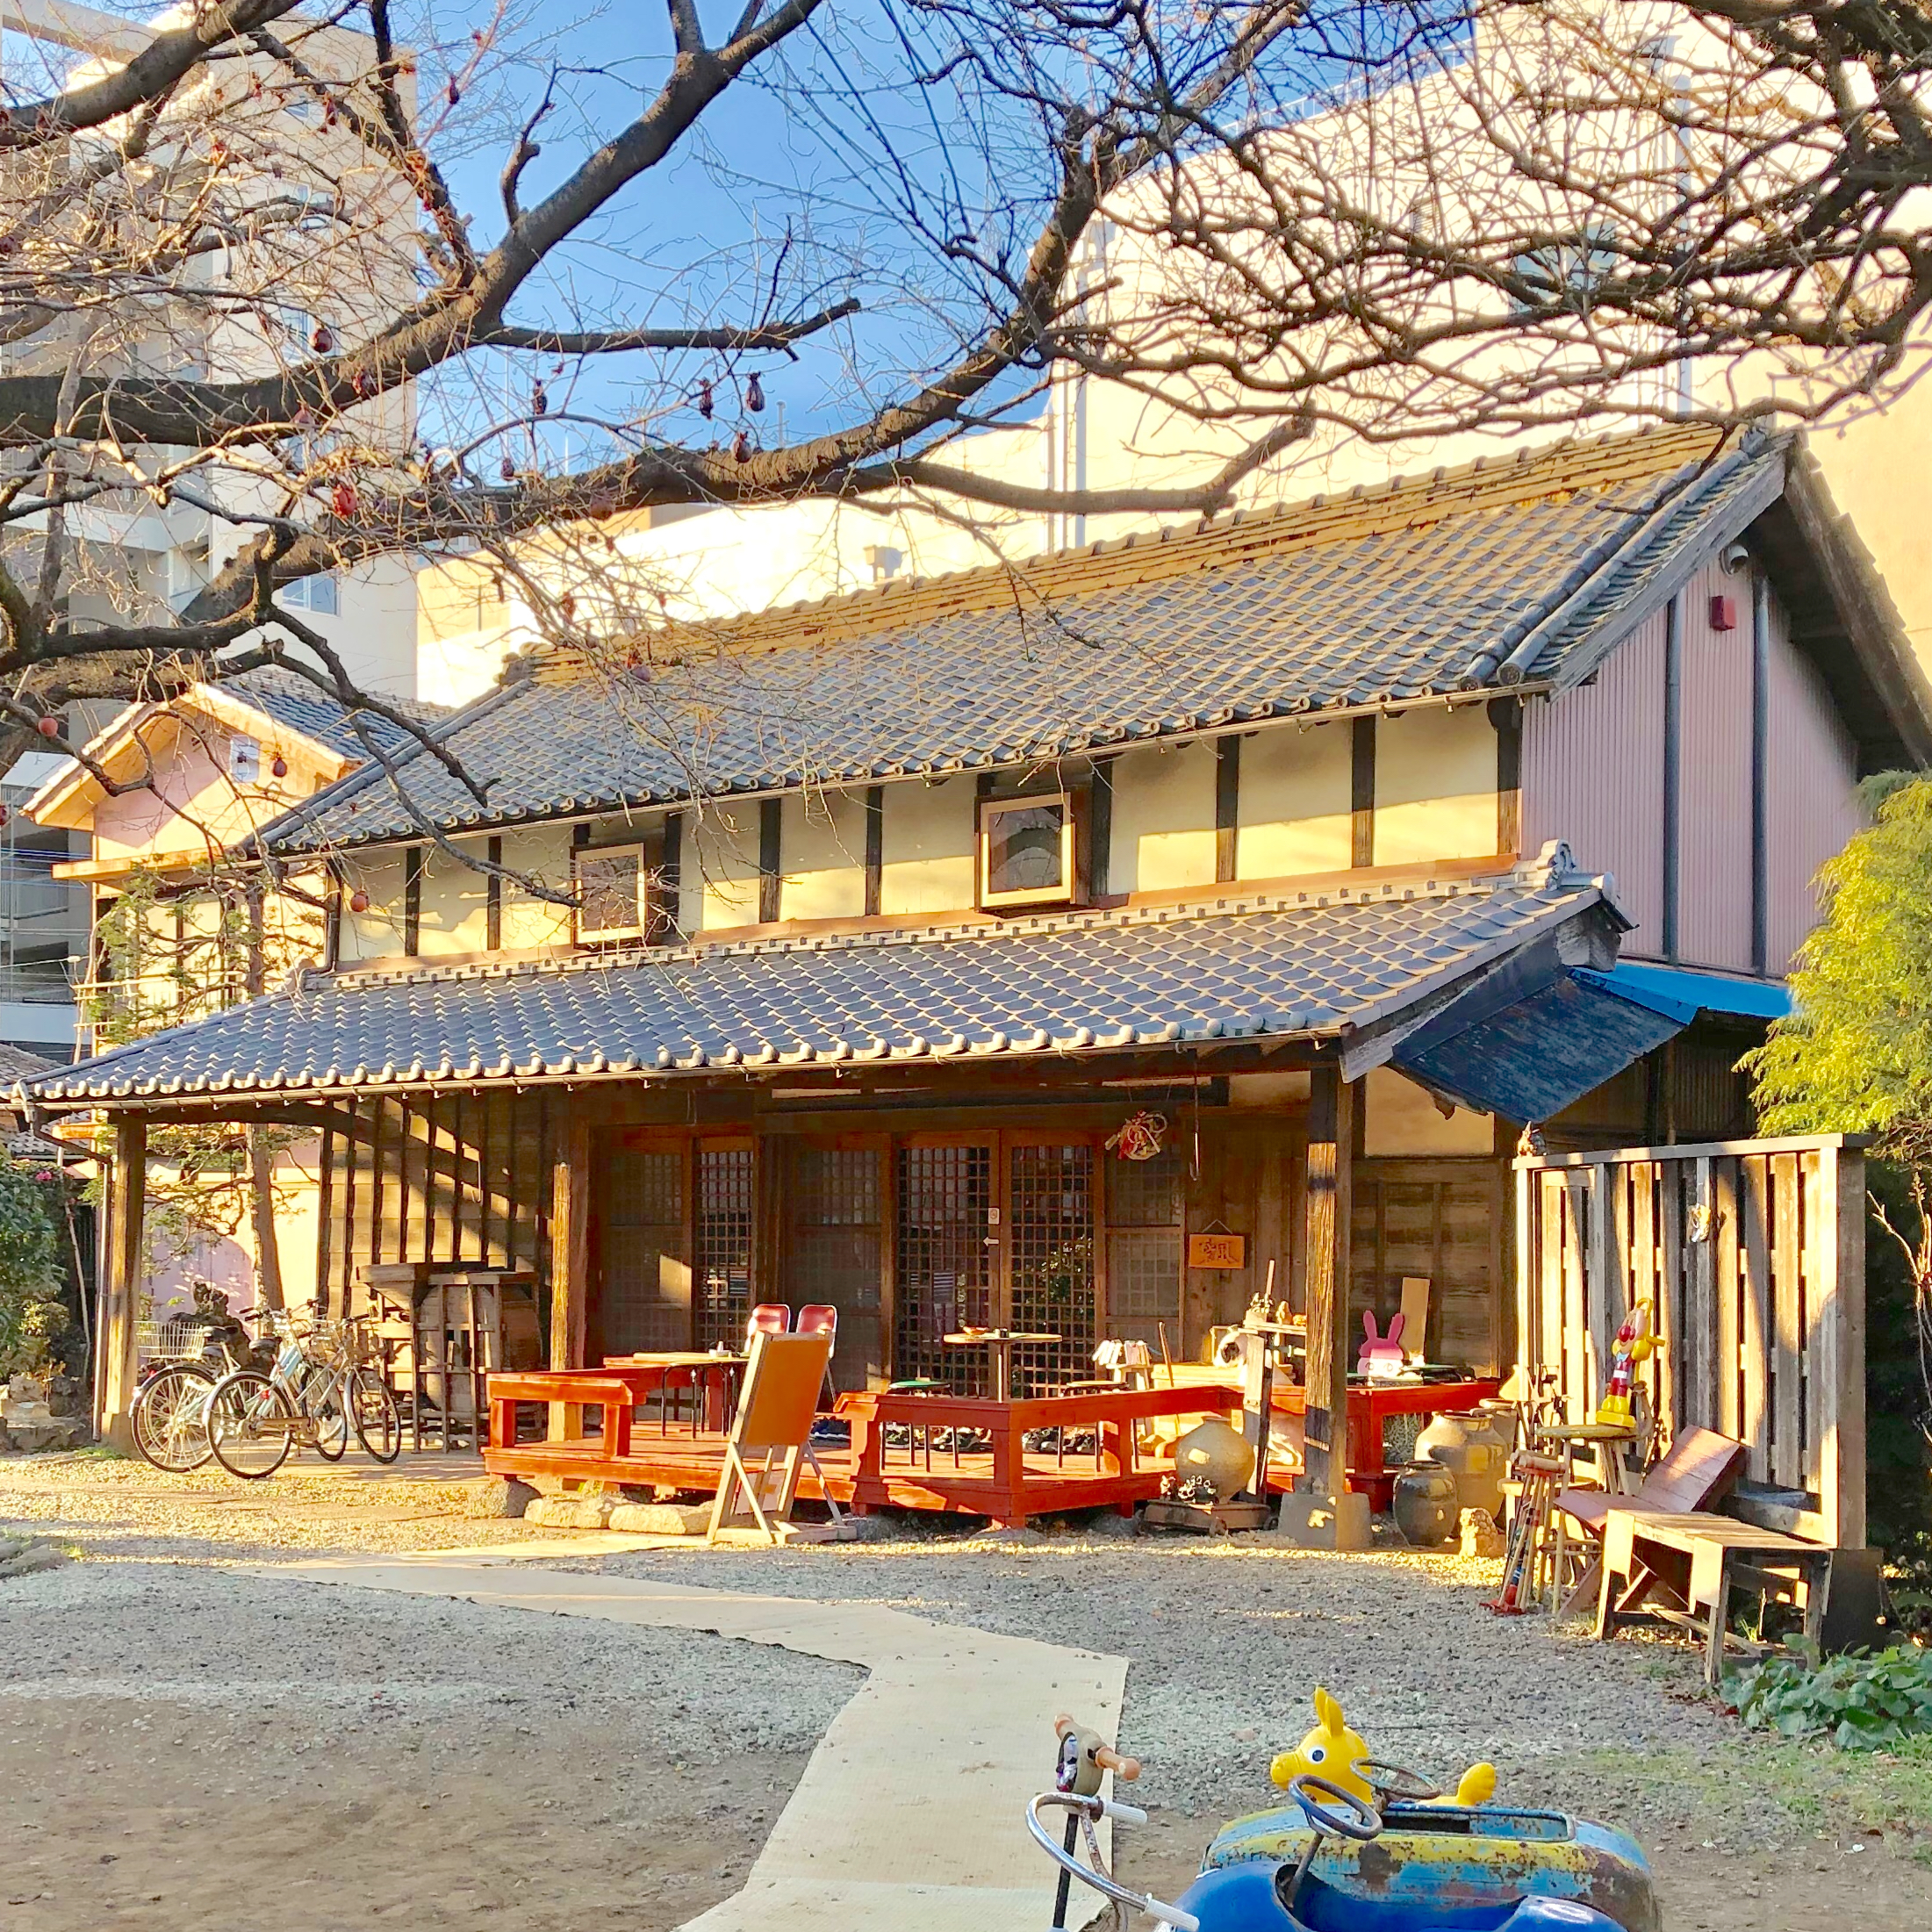 浦和・楽風(らふ) 古民家の日本茶カフェは時間を忘れる癒し空間